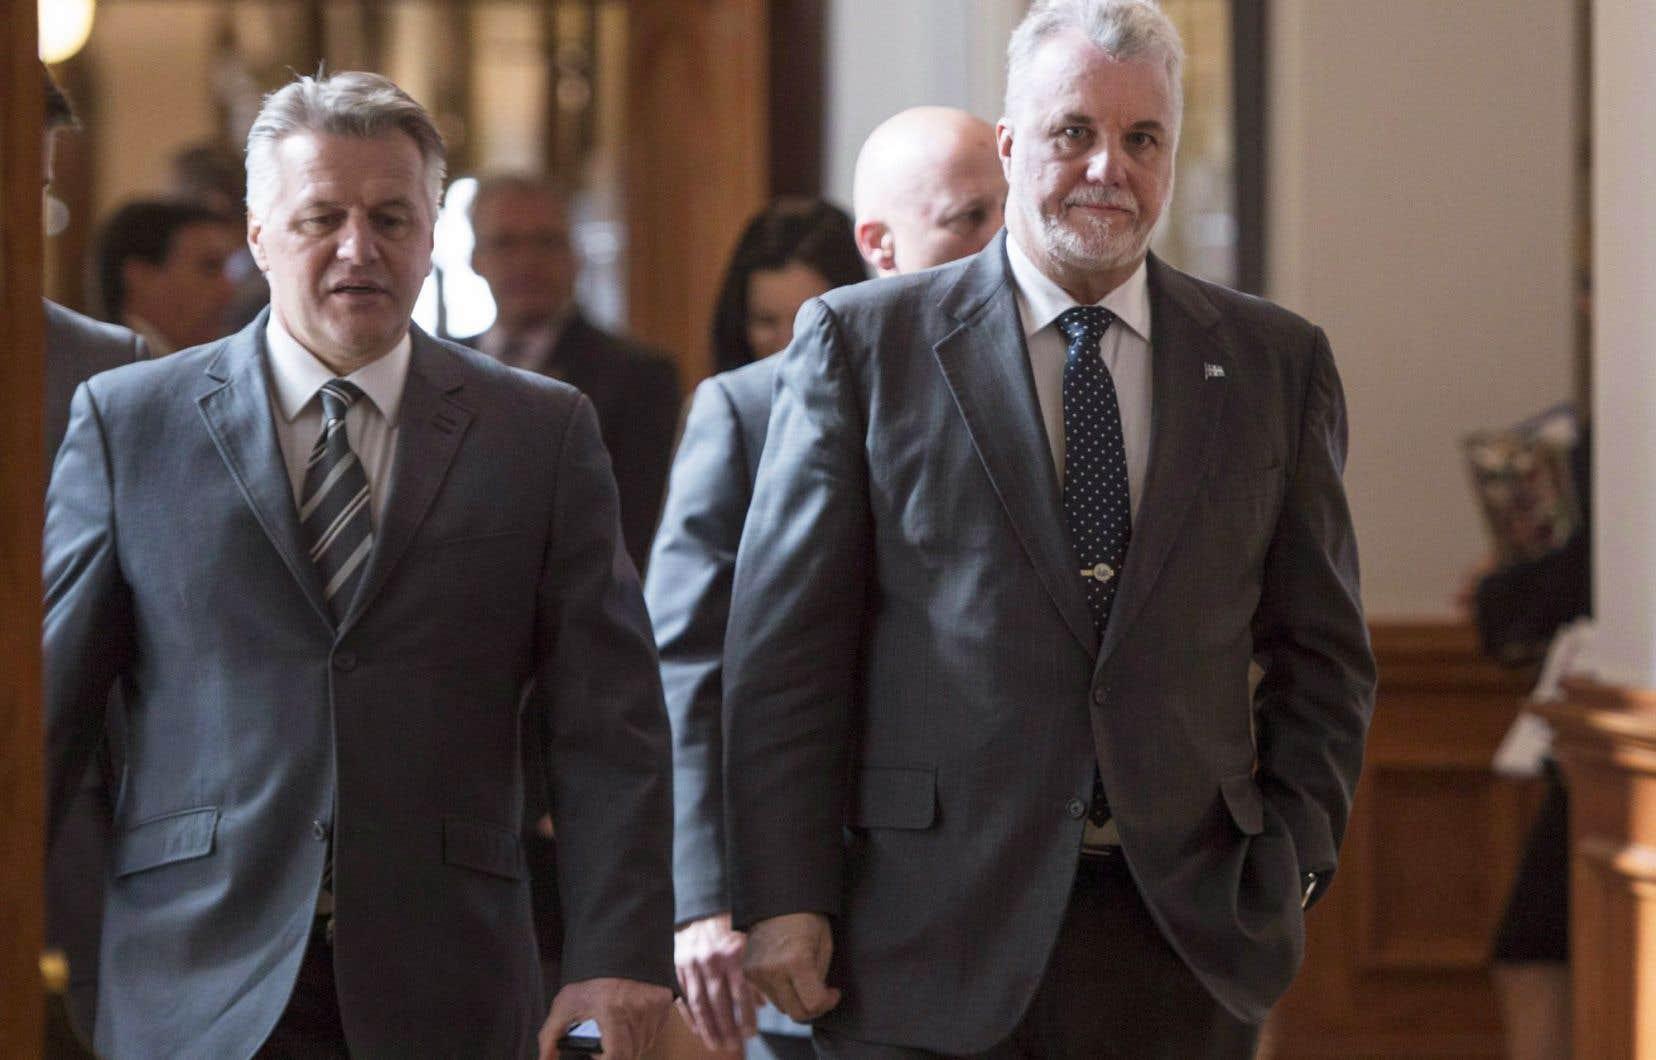 Le ministre des Transports, Laurent Lessard, ici aux côtés du premier ministre, Philippe Couillard, a passé la session avec une épée de Damoclès au-dessus de la tête.